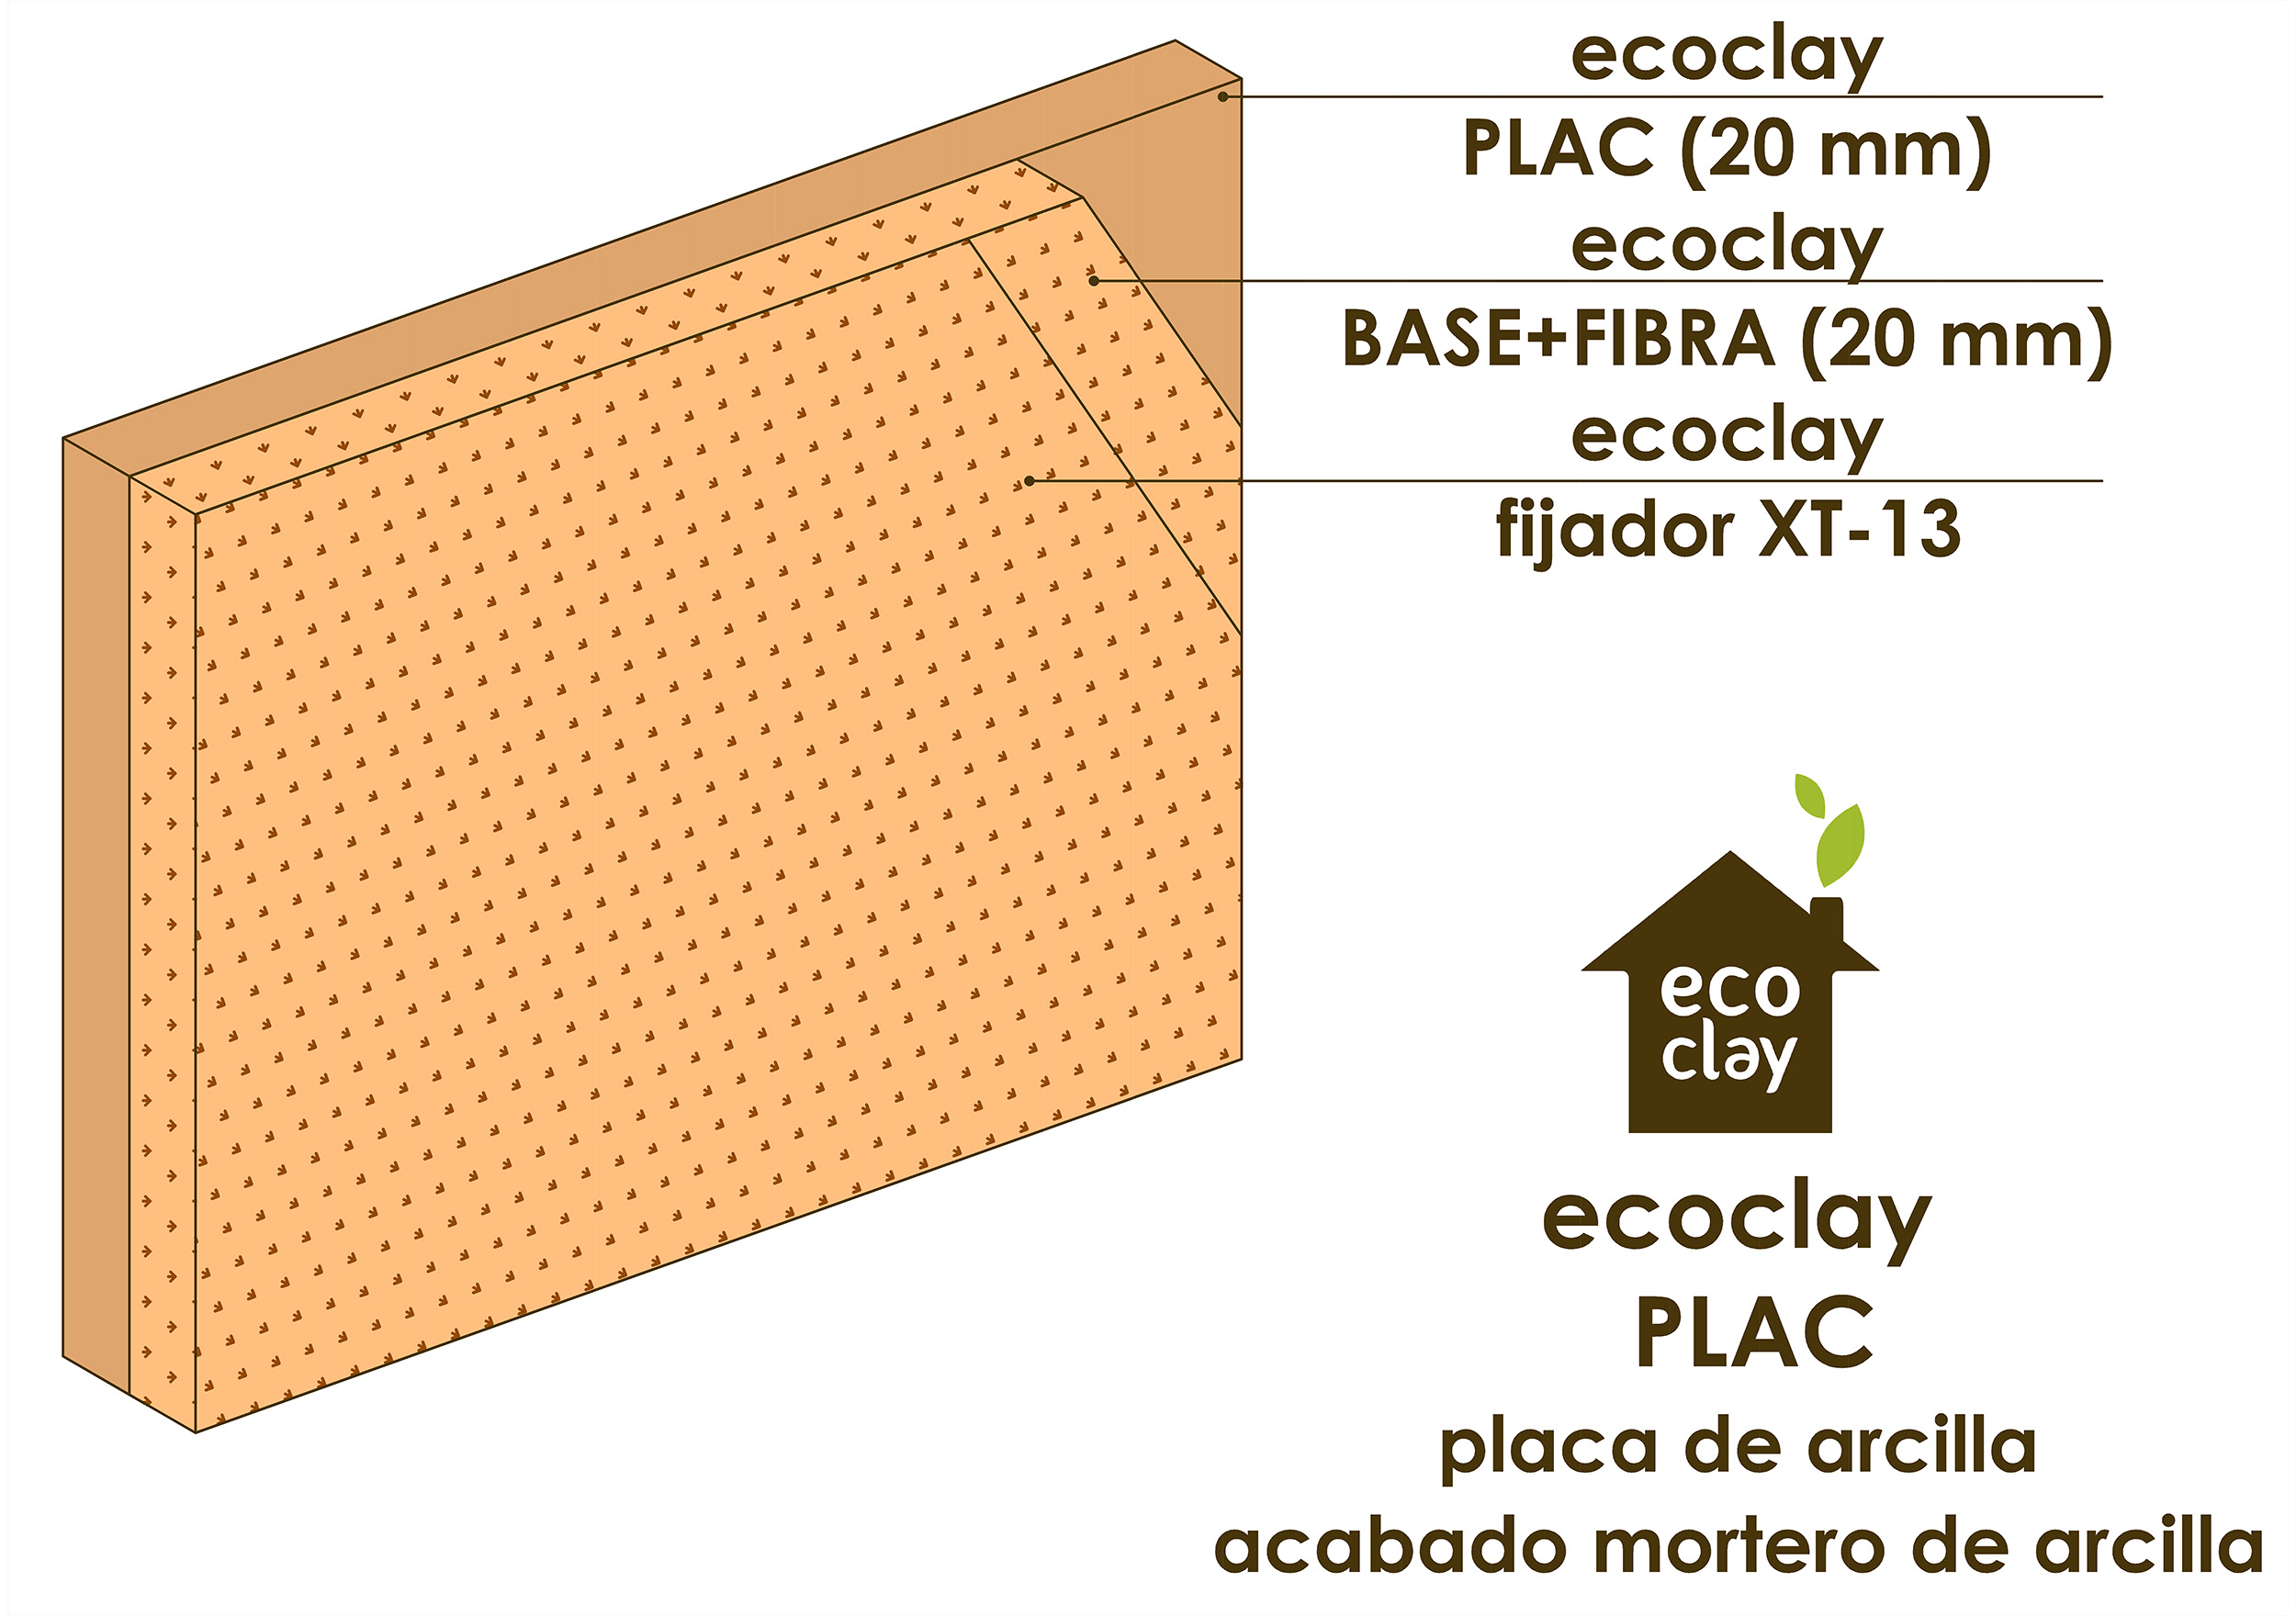 ecoclayPLAC, acabado mortero de arcilla, ecoclay BASE+FIBRA